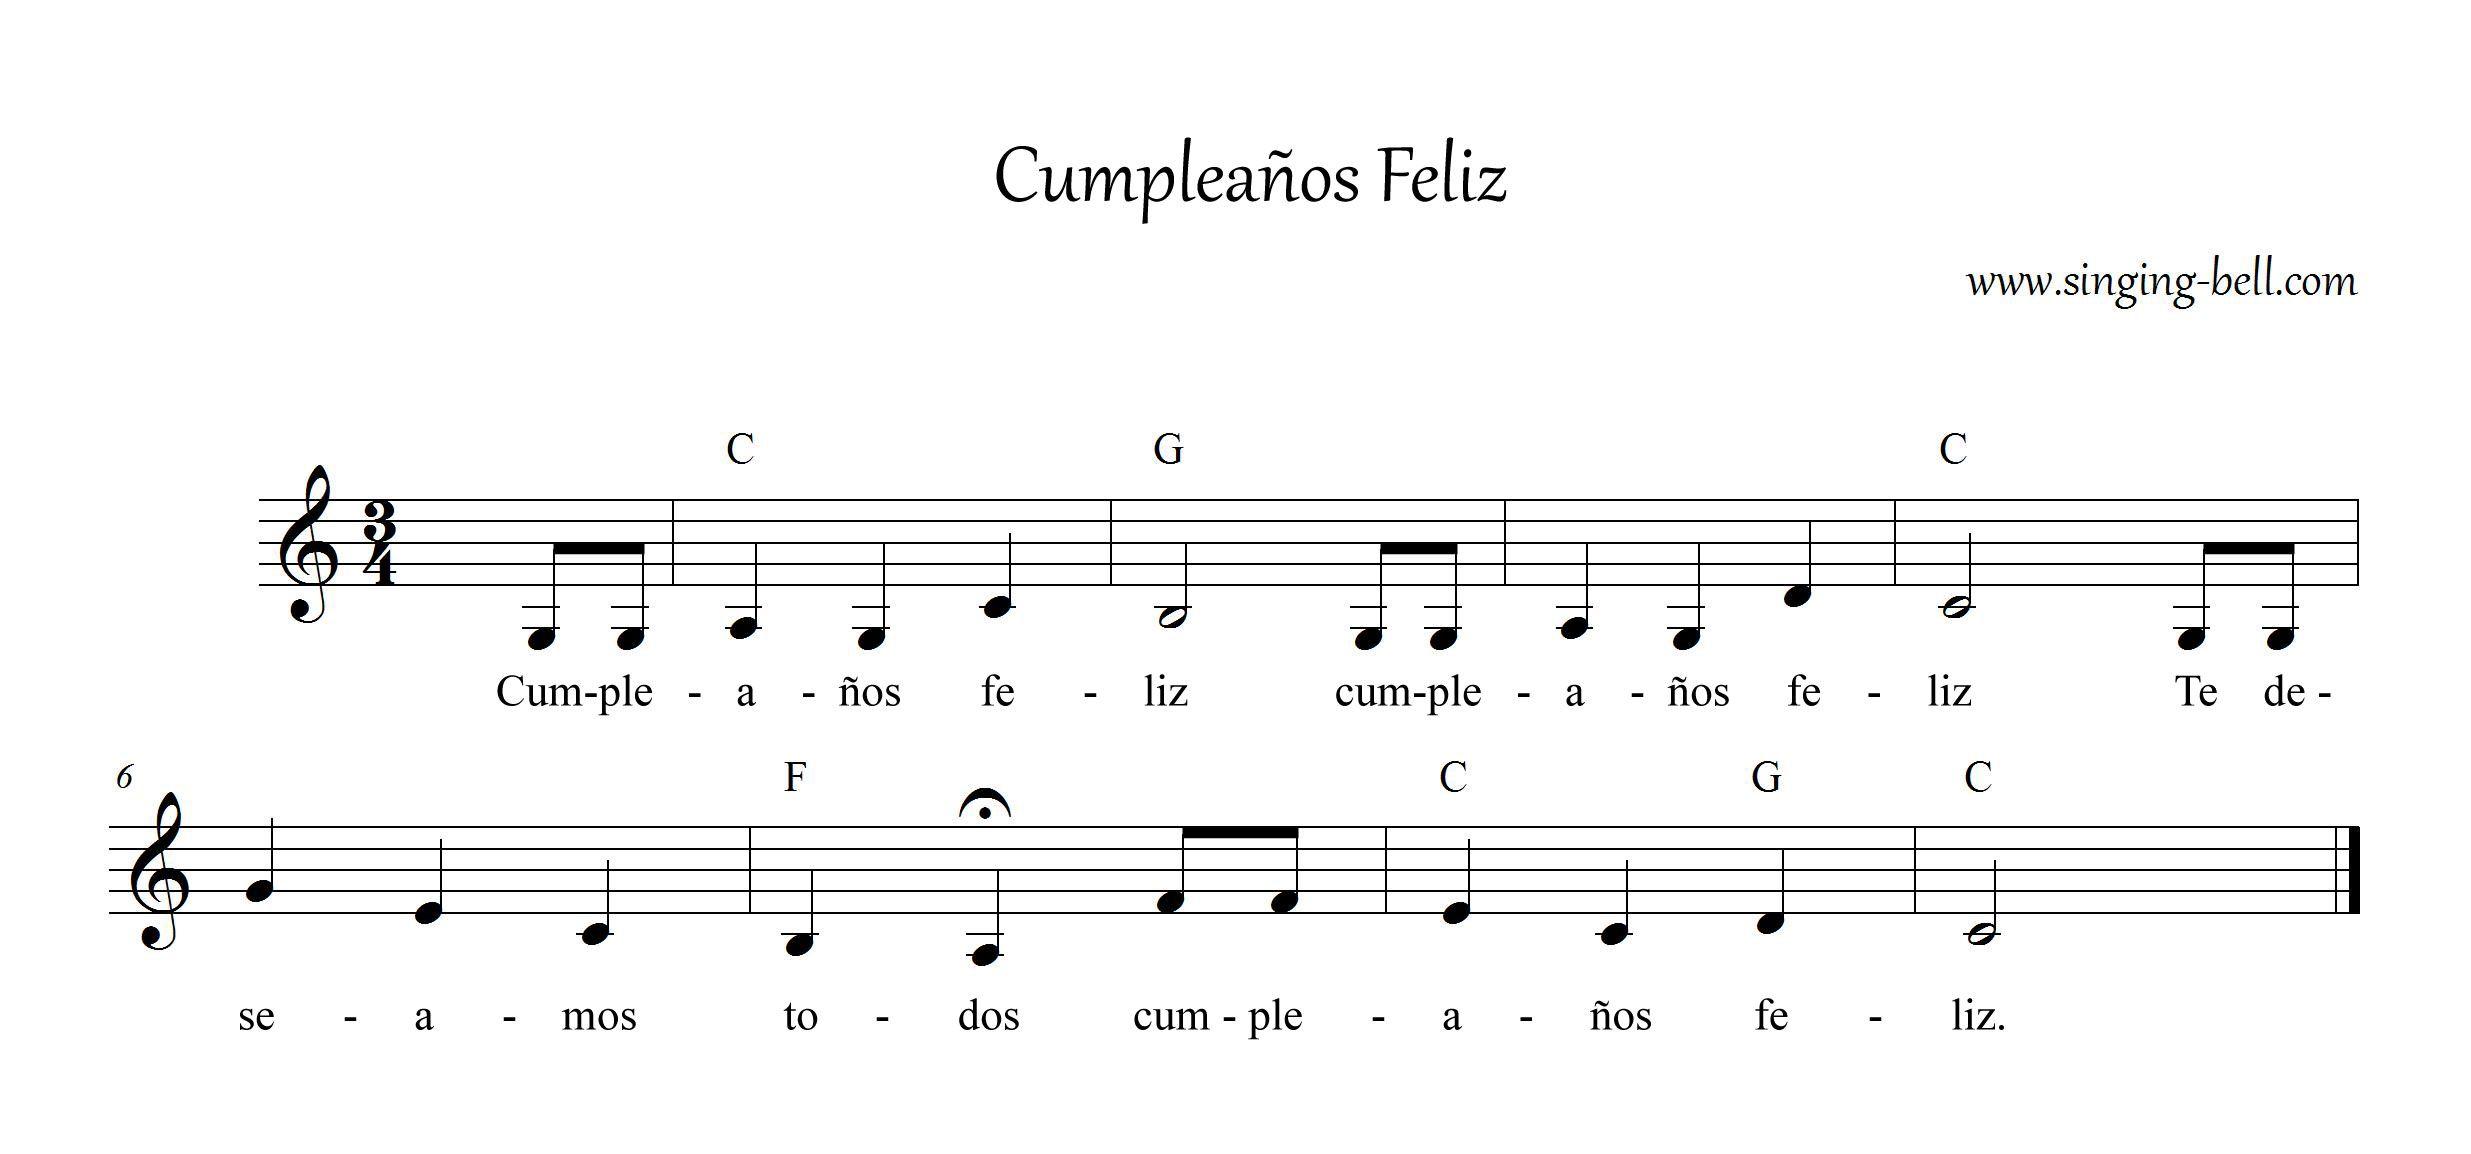 Cumpleaños Feliz La canción del cumpleaños Happy